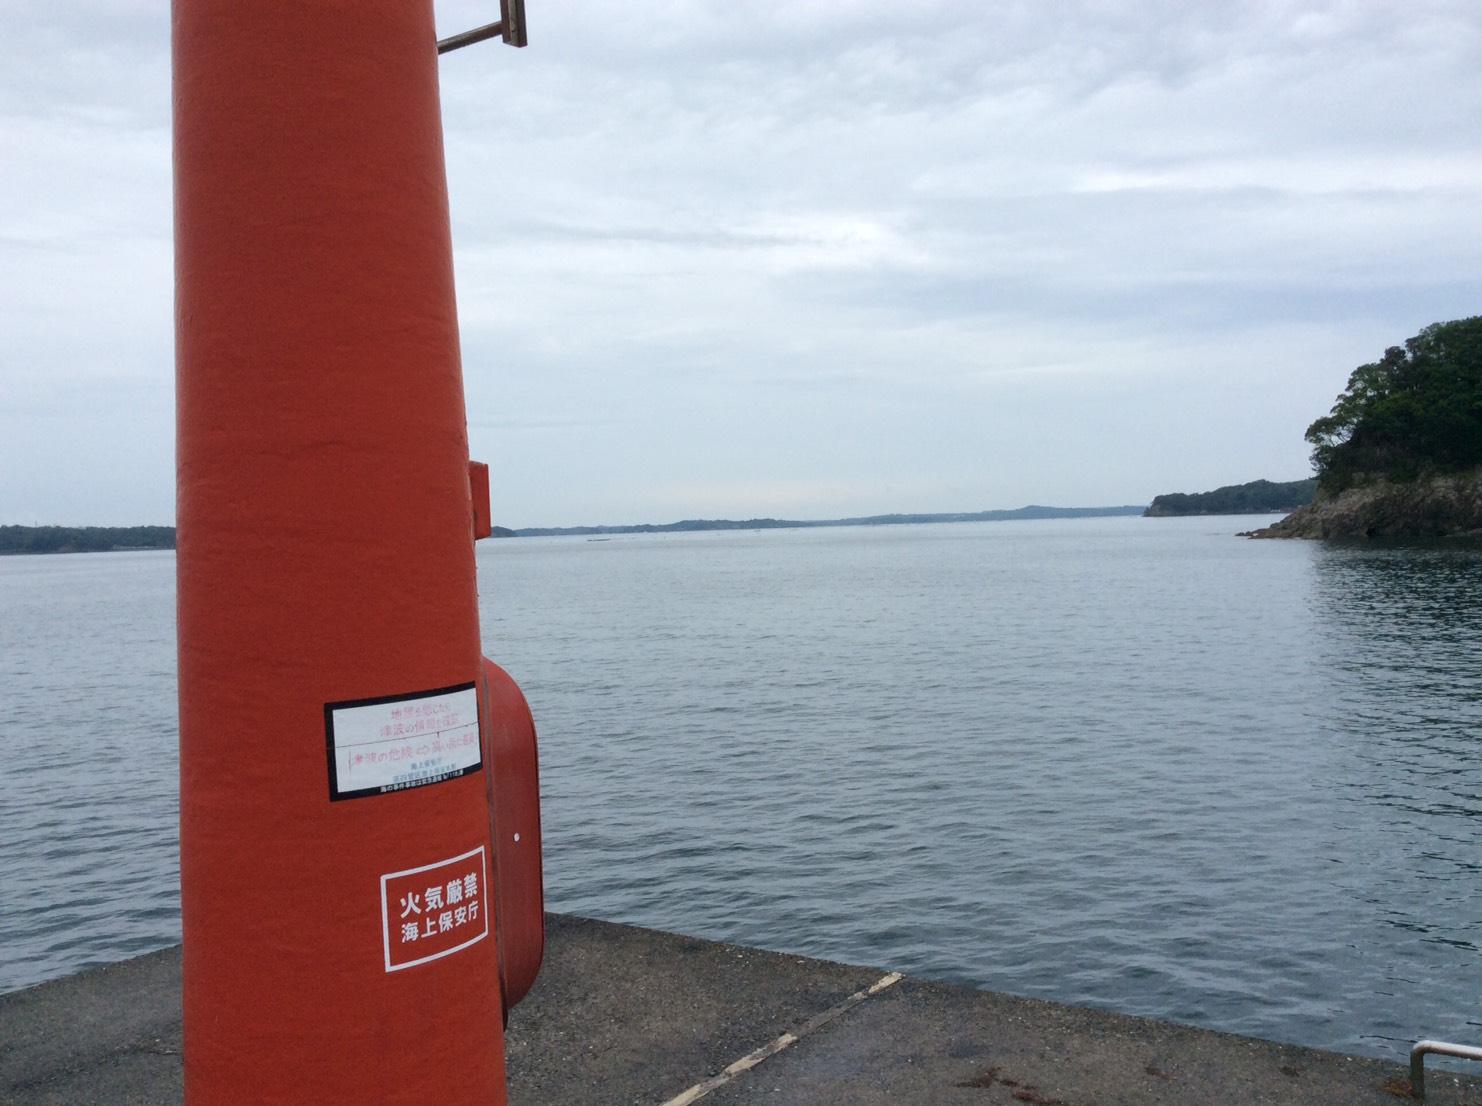 三重県黒鯛(チヌ・ツエ)渡船